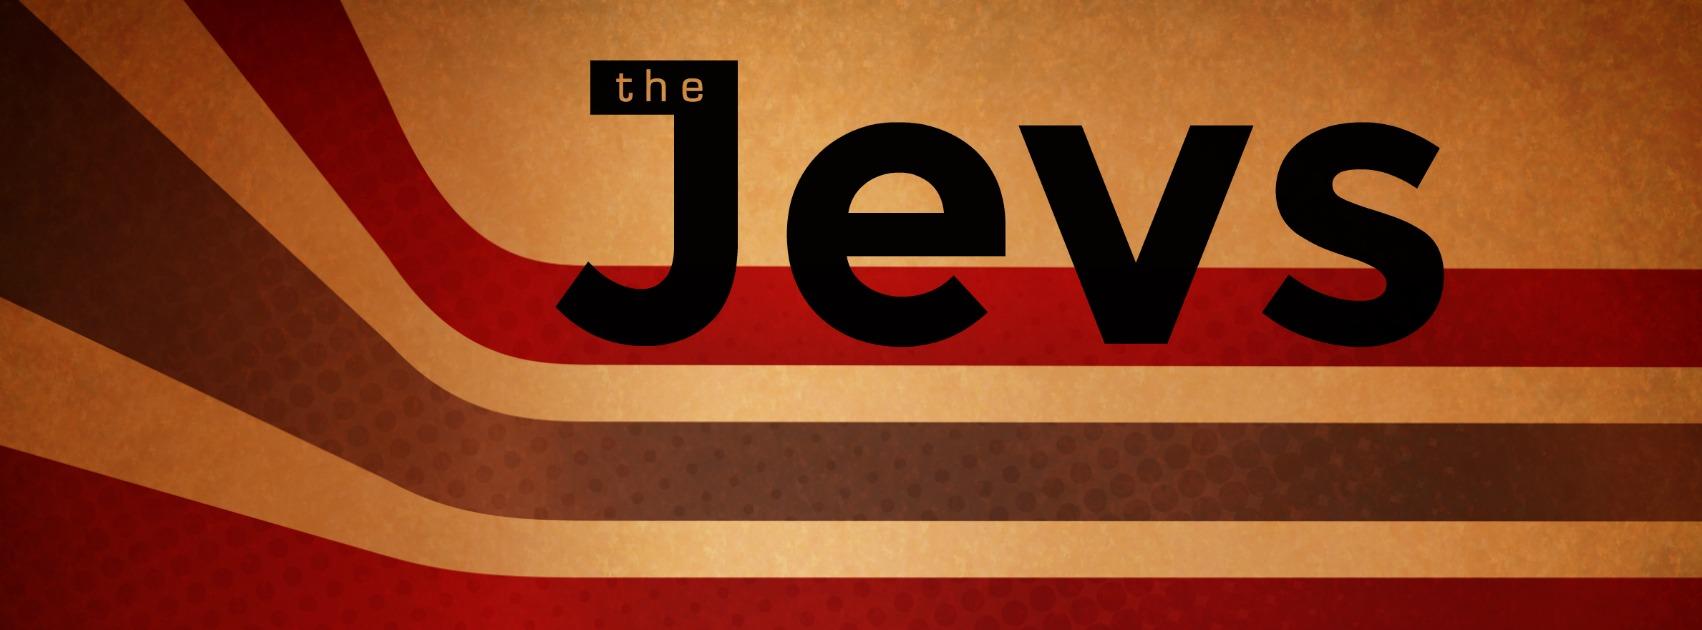 the jevs